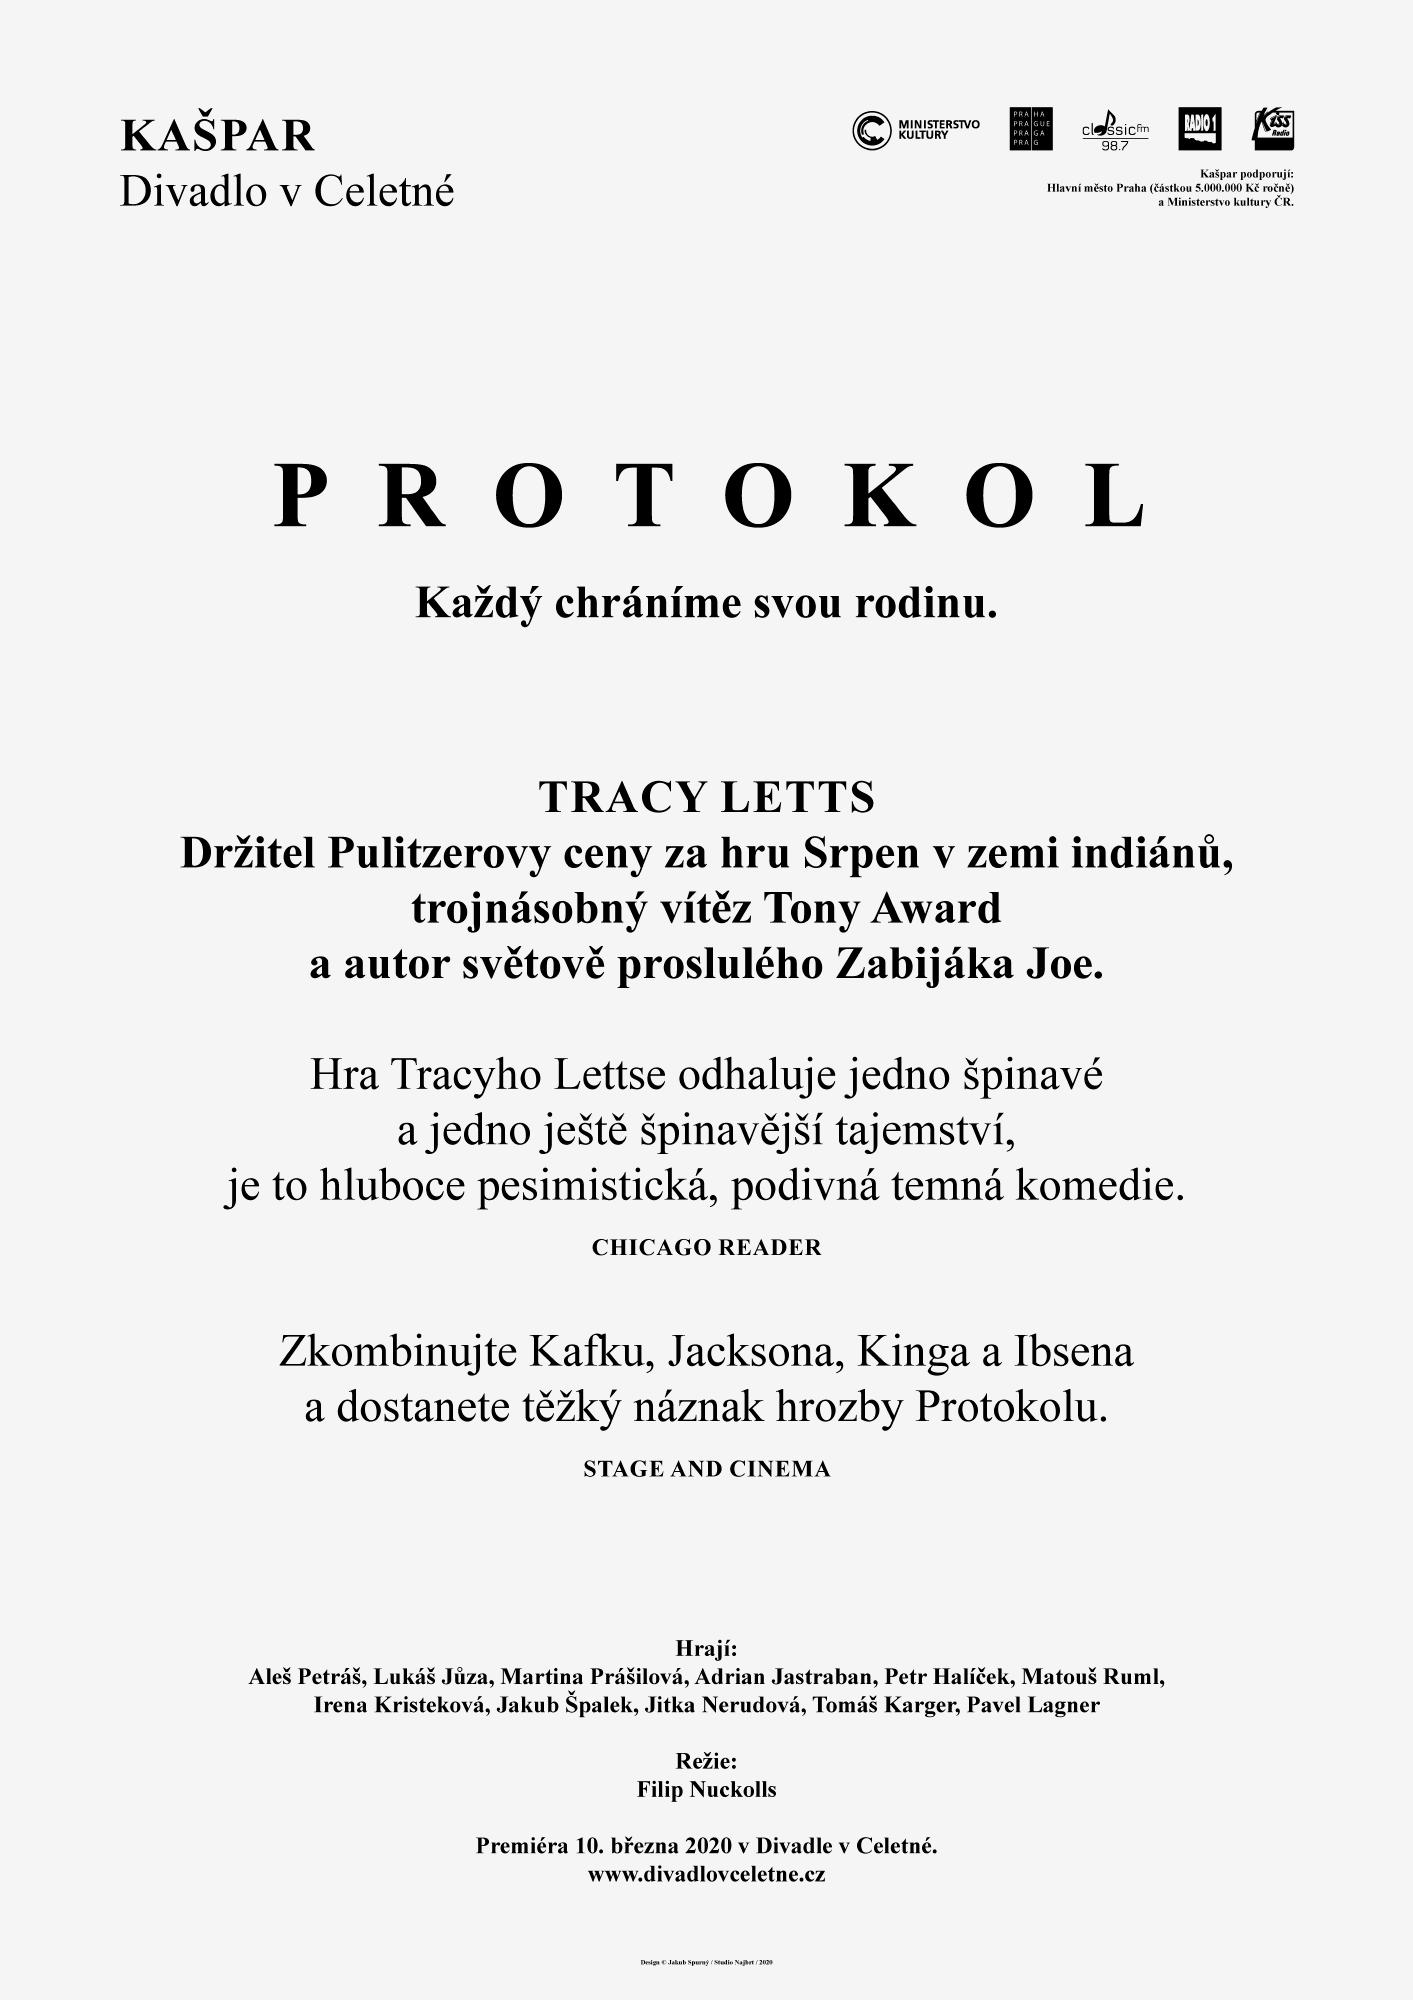 Protokol (The Minutes)